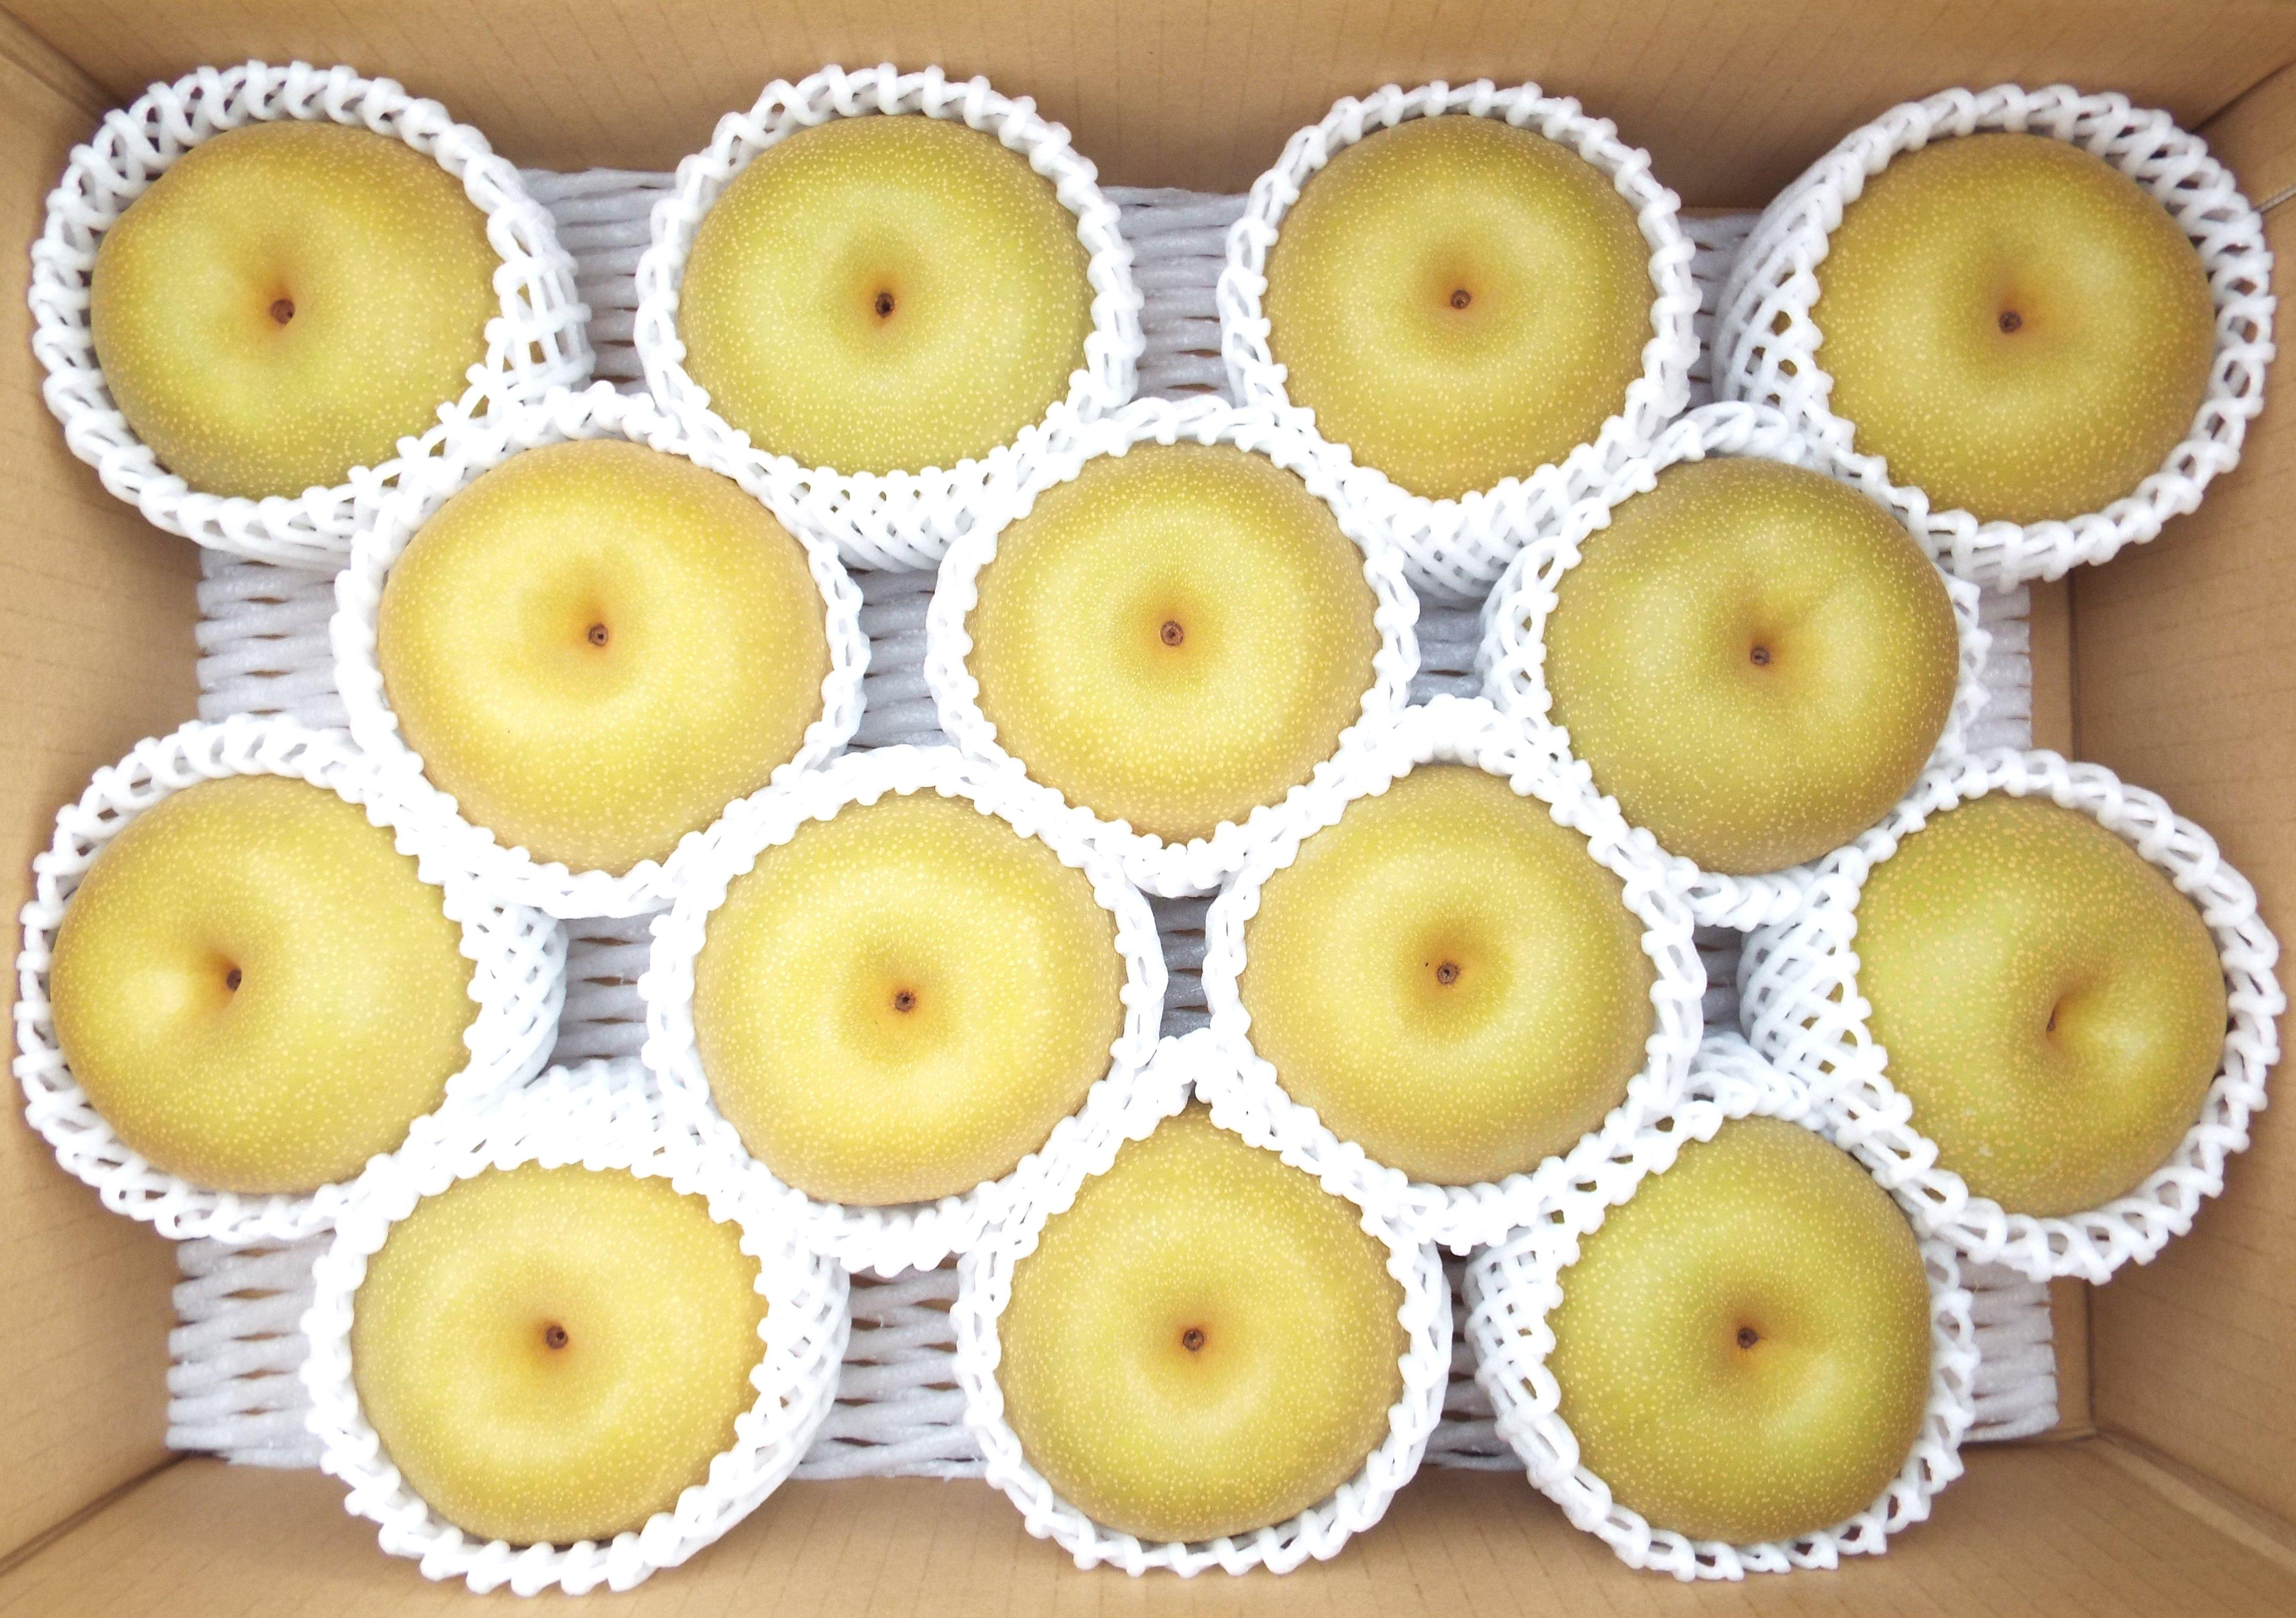 【全国どこでも送料無料!】化学肥料を使わない果物づくり!フルーツファームこんの梨たっぷり5kg♪